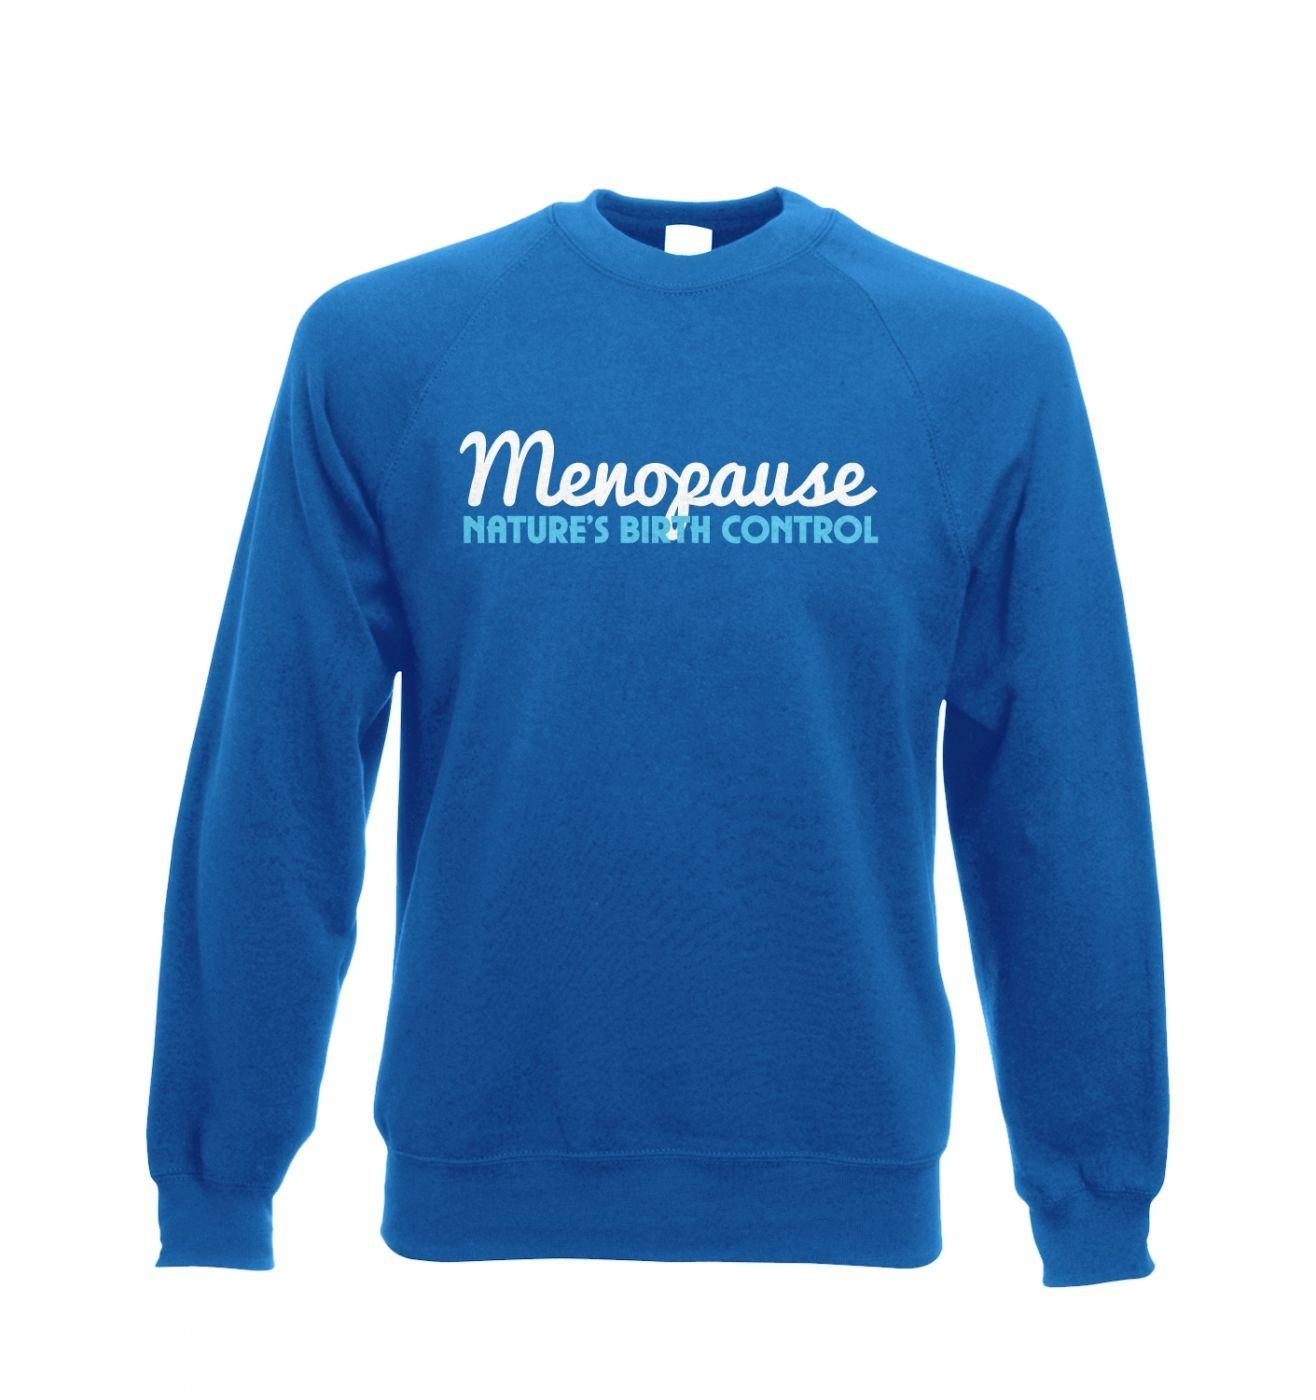 Menopause Adult Crewneck Sweatshirt  - Inspired by Big Bang Theory